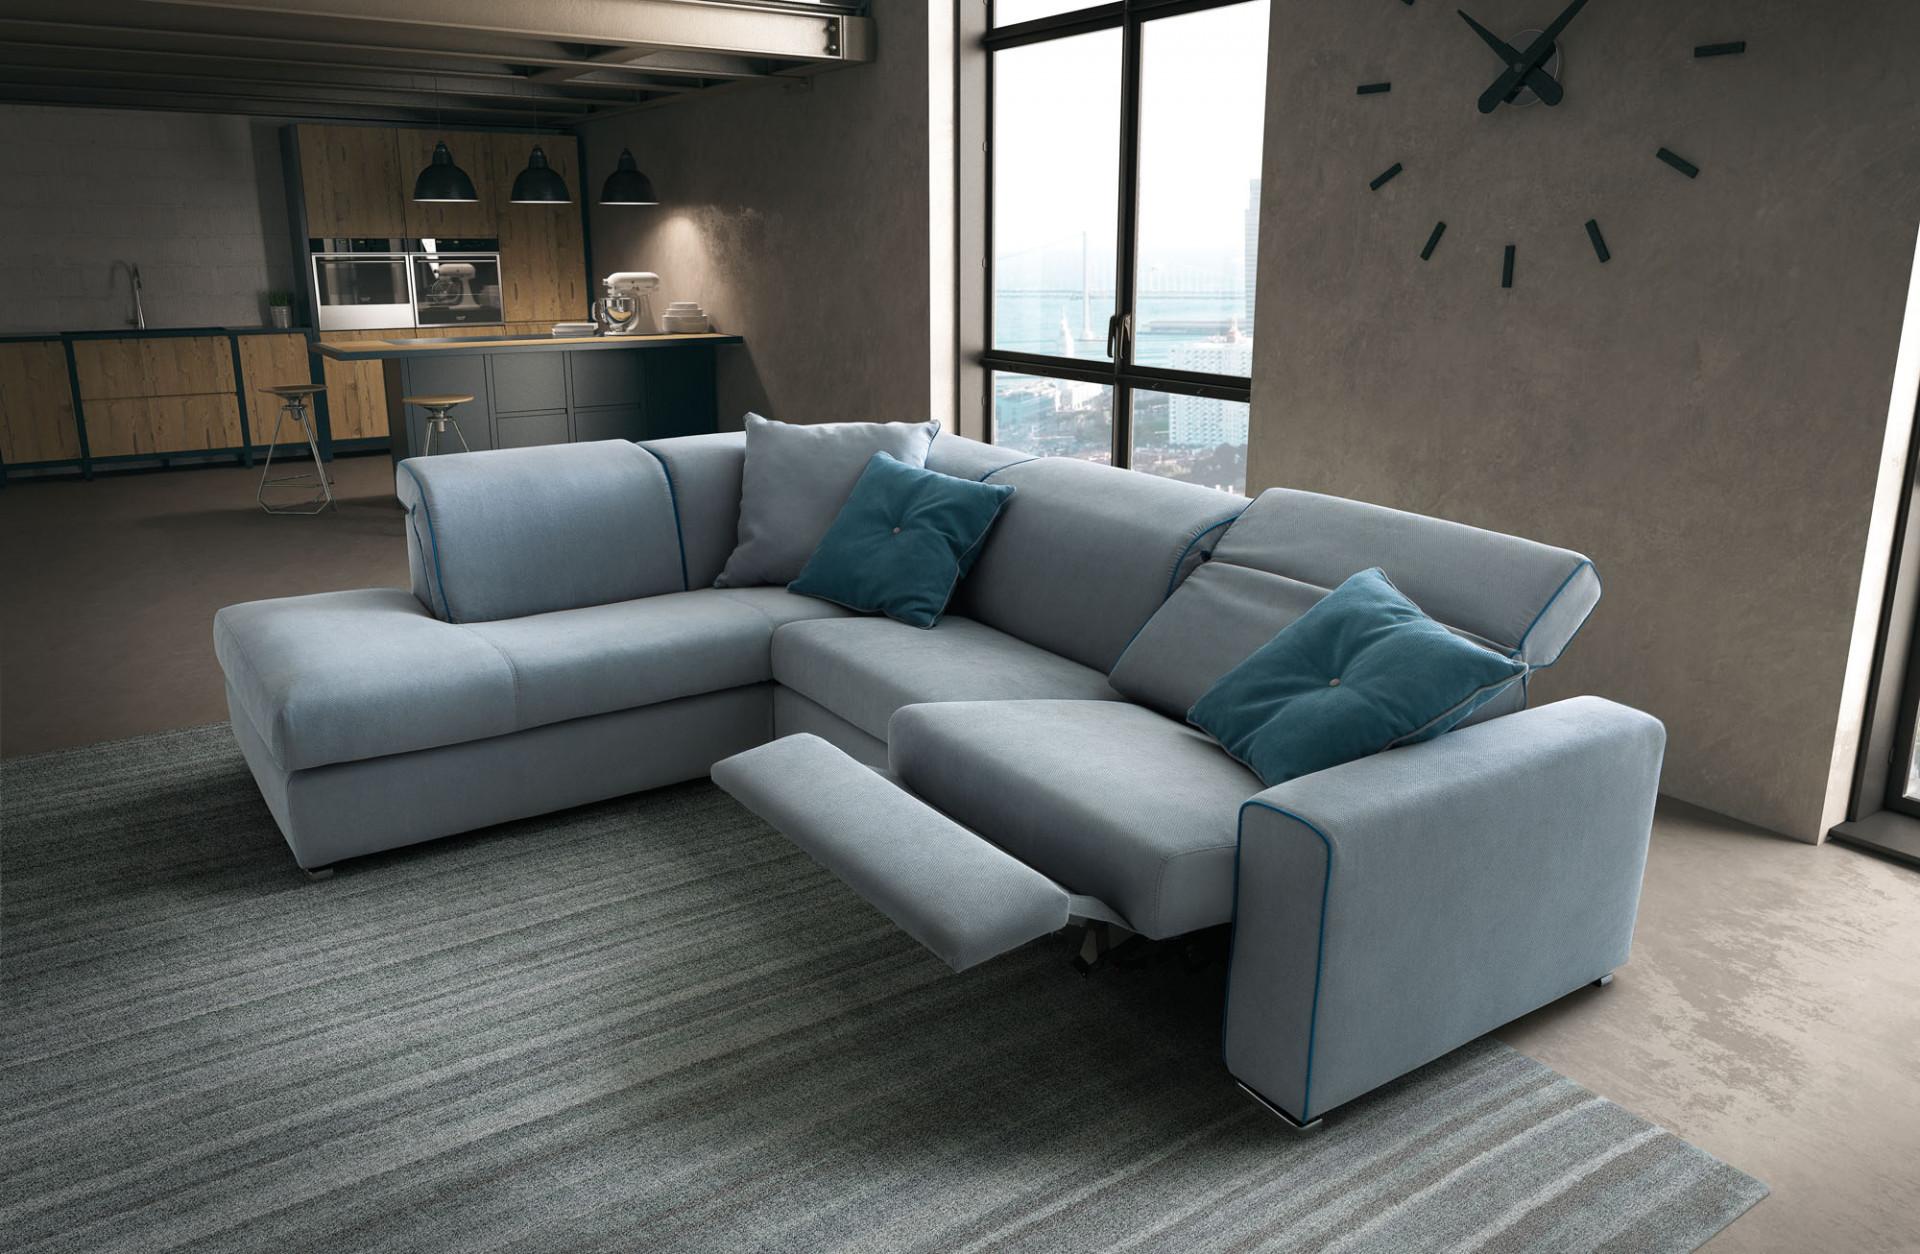 Divani in tessuto drive lecomfort for Divani e divani divani letto